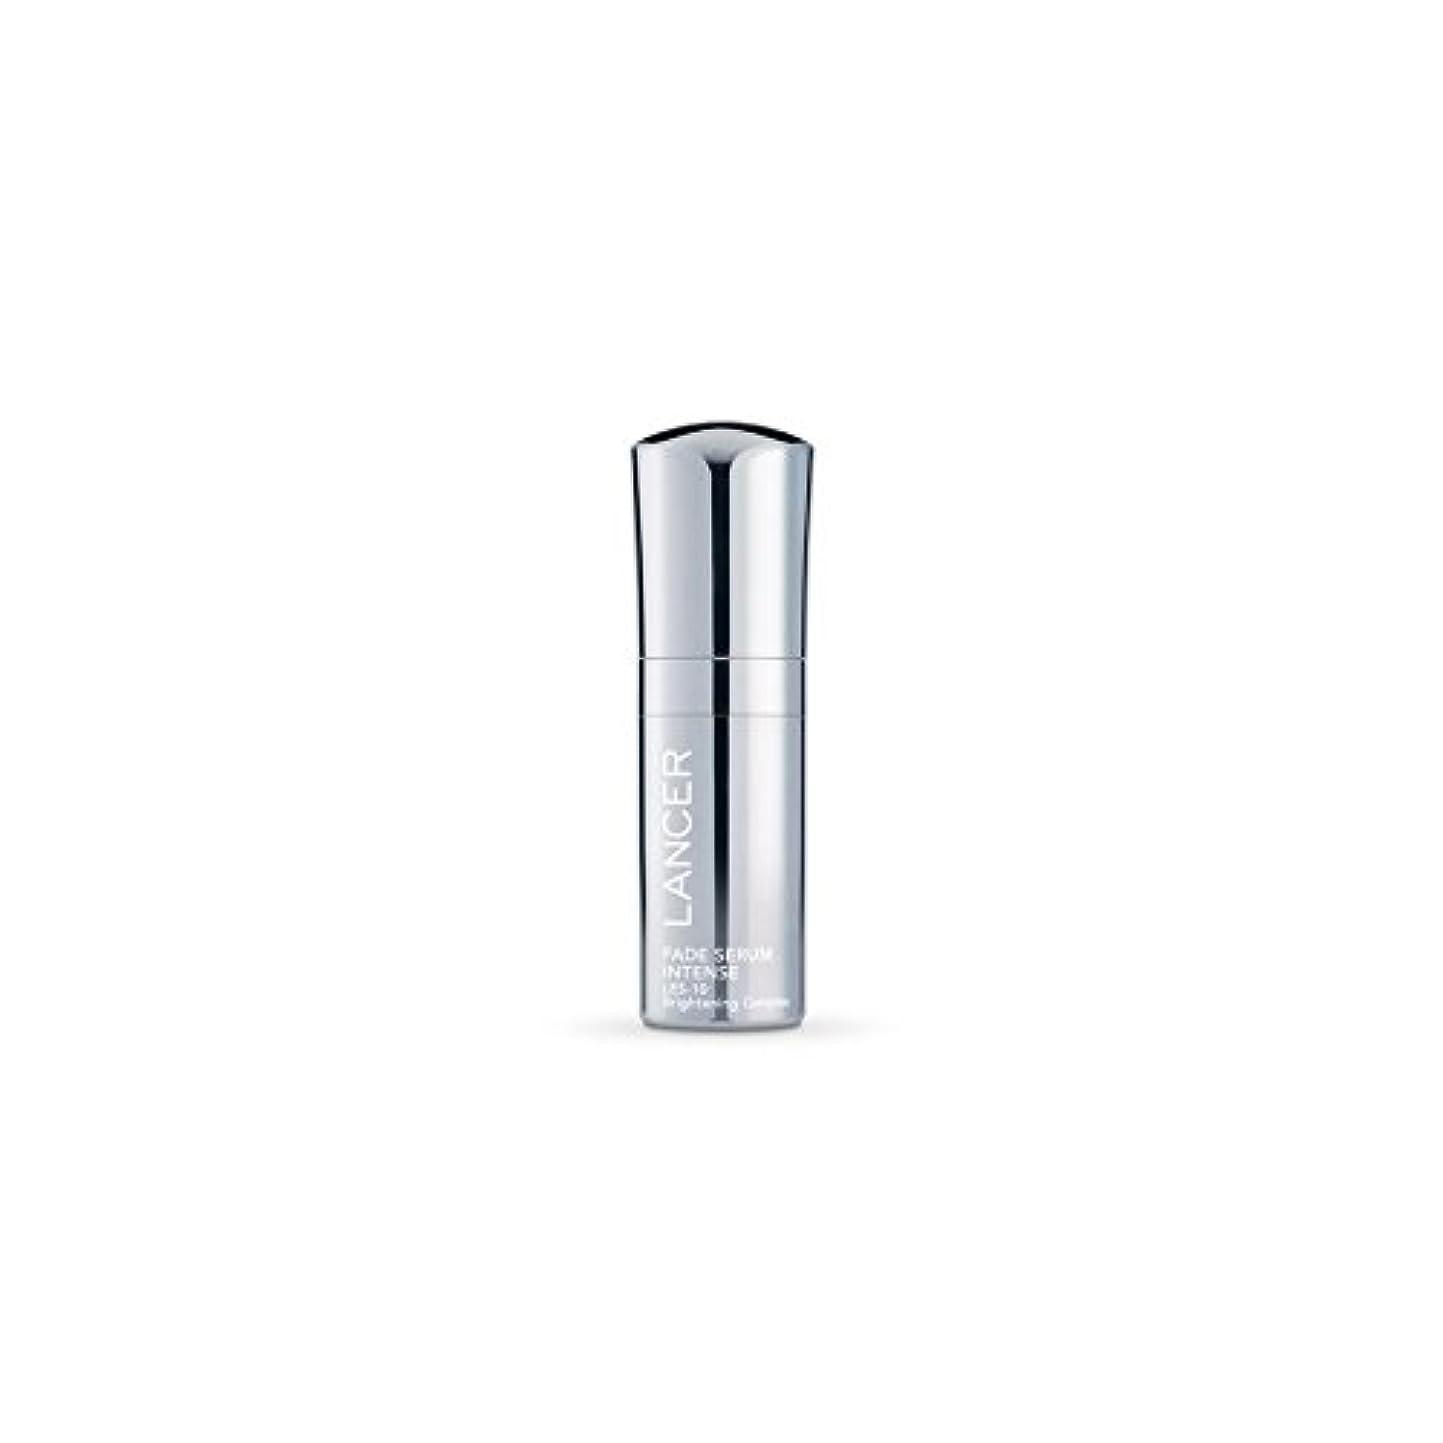 グラス図落胆した強烈ランサースキンケアフェード血清(30ミリリットル) x2 - Lancer Skincare Fade Serum Intense (30ml) (Pack of 2) [並行輸入品]